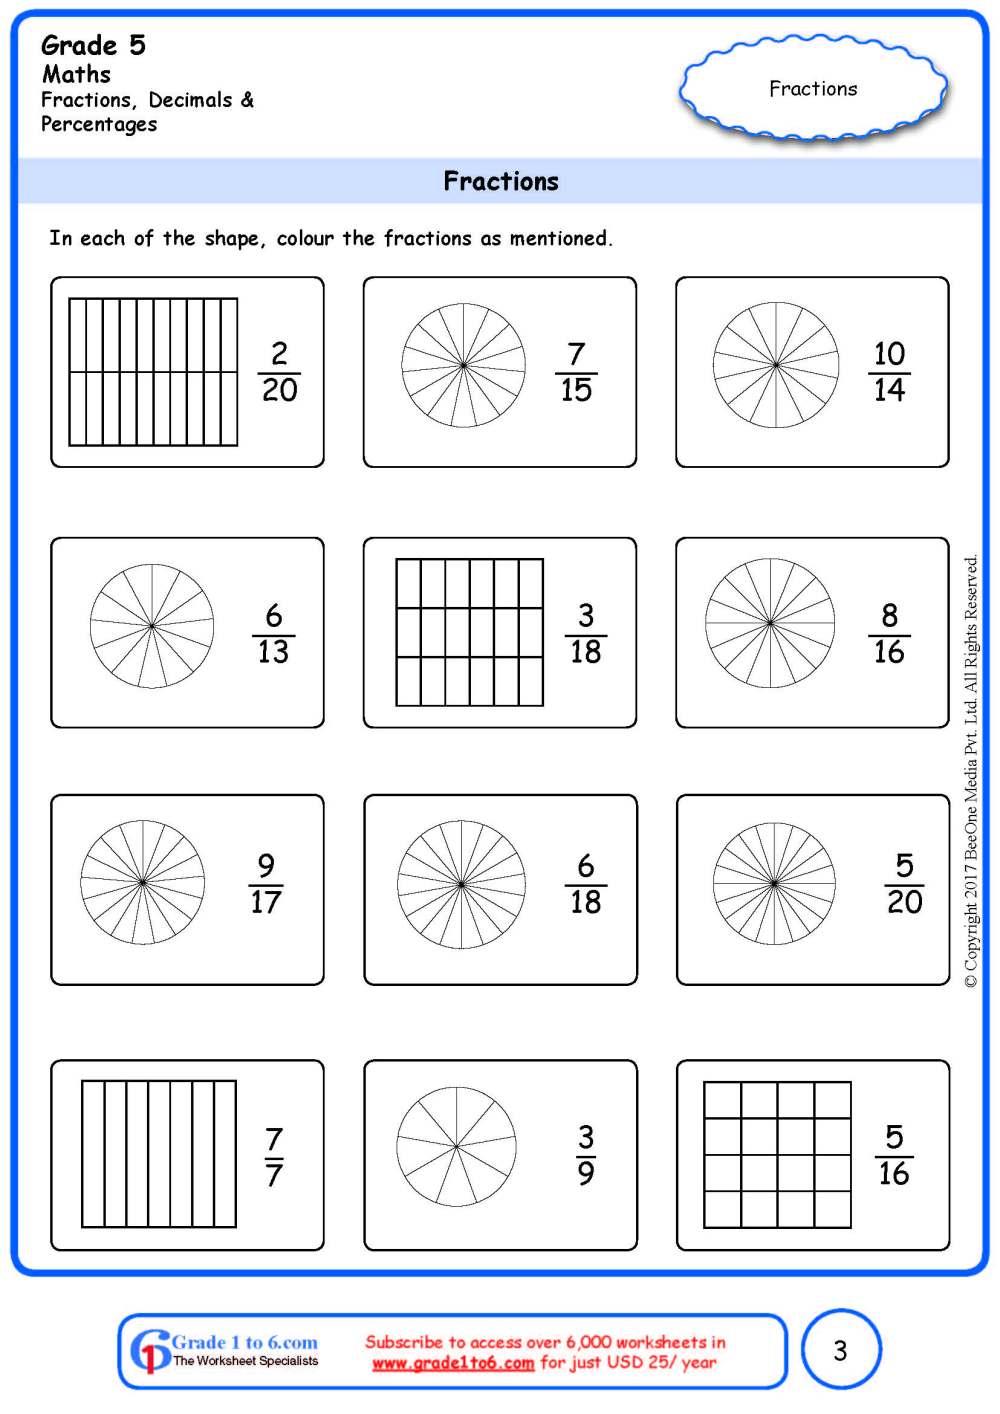 medium resolution of Grade 5 Fractions Identification Worksheets www.grade1to6.com